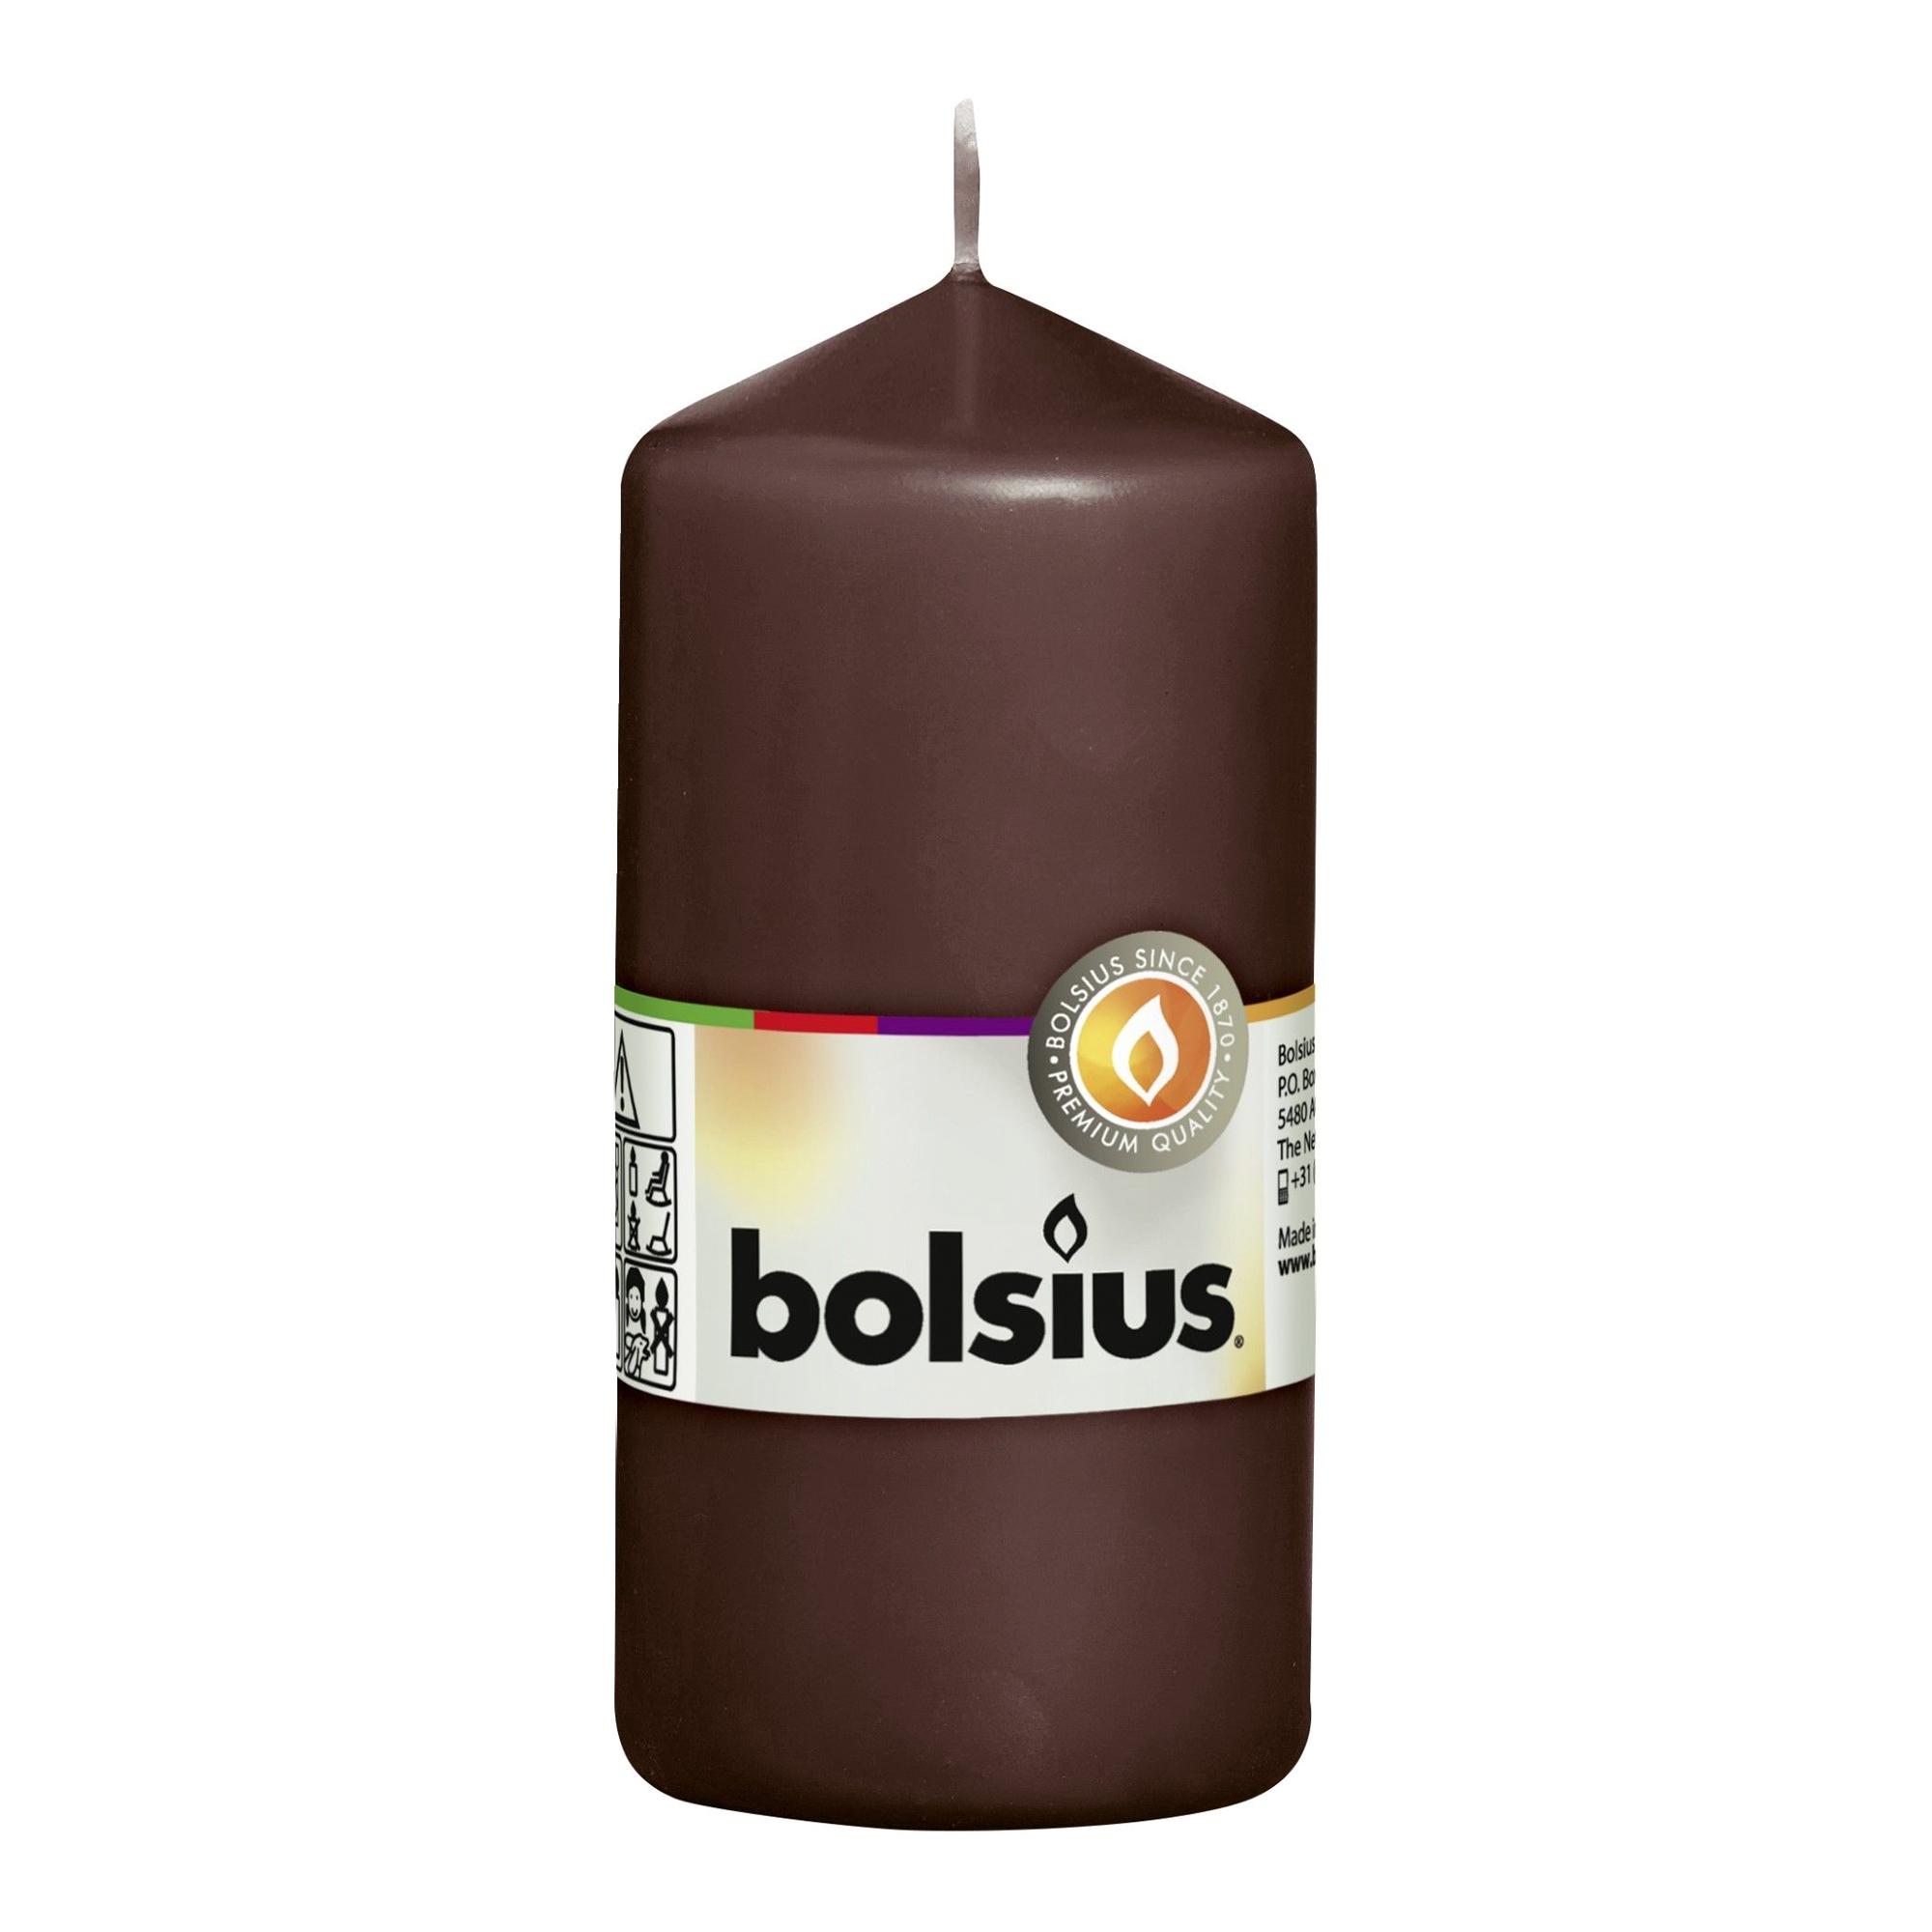 Фото - Свеча-столбик Bolsius 12x6 коричневая свеча столбик bolsius 12x6 коричневая